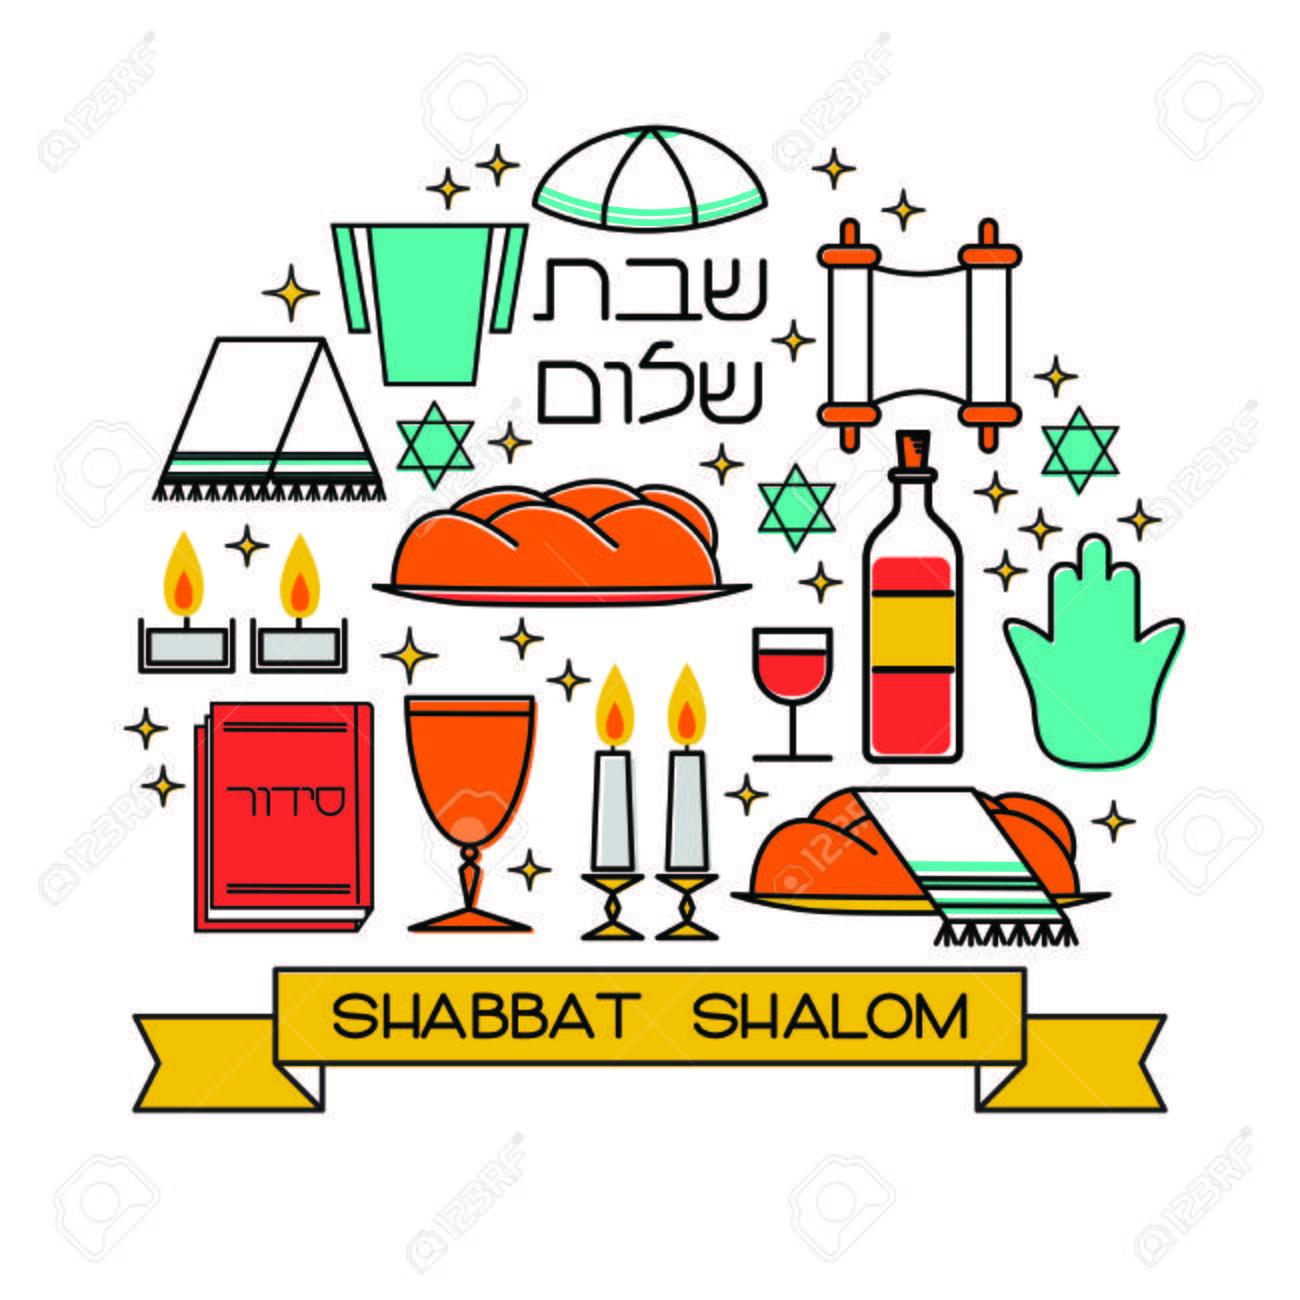 Shabbat shalom greeting card. Star of David, candles, kiddush...